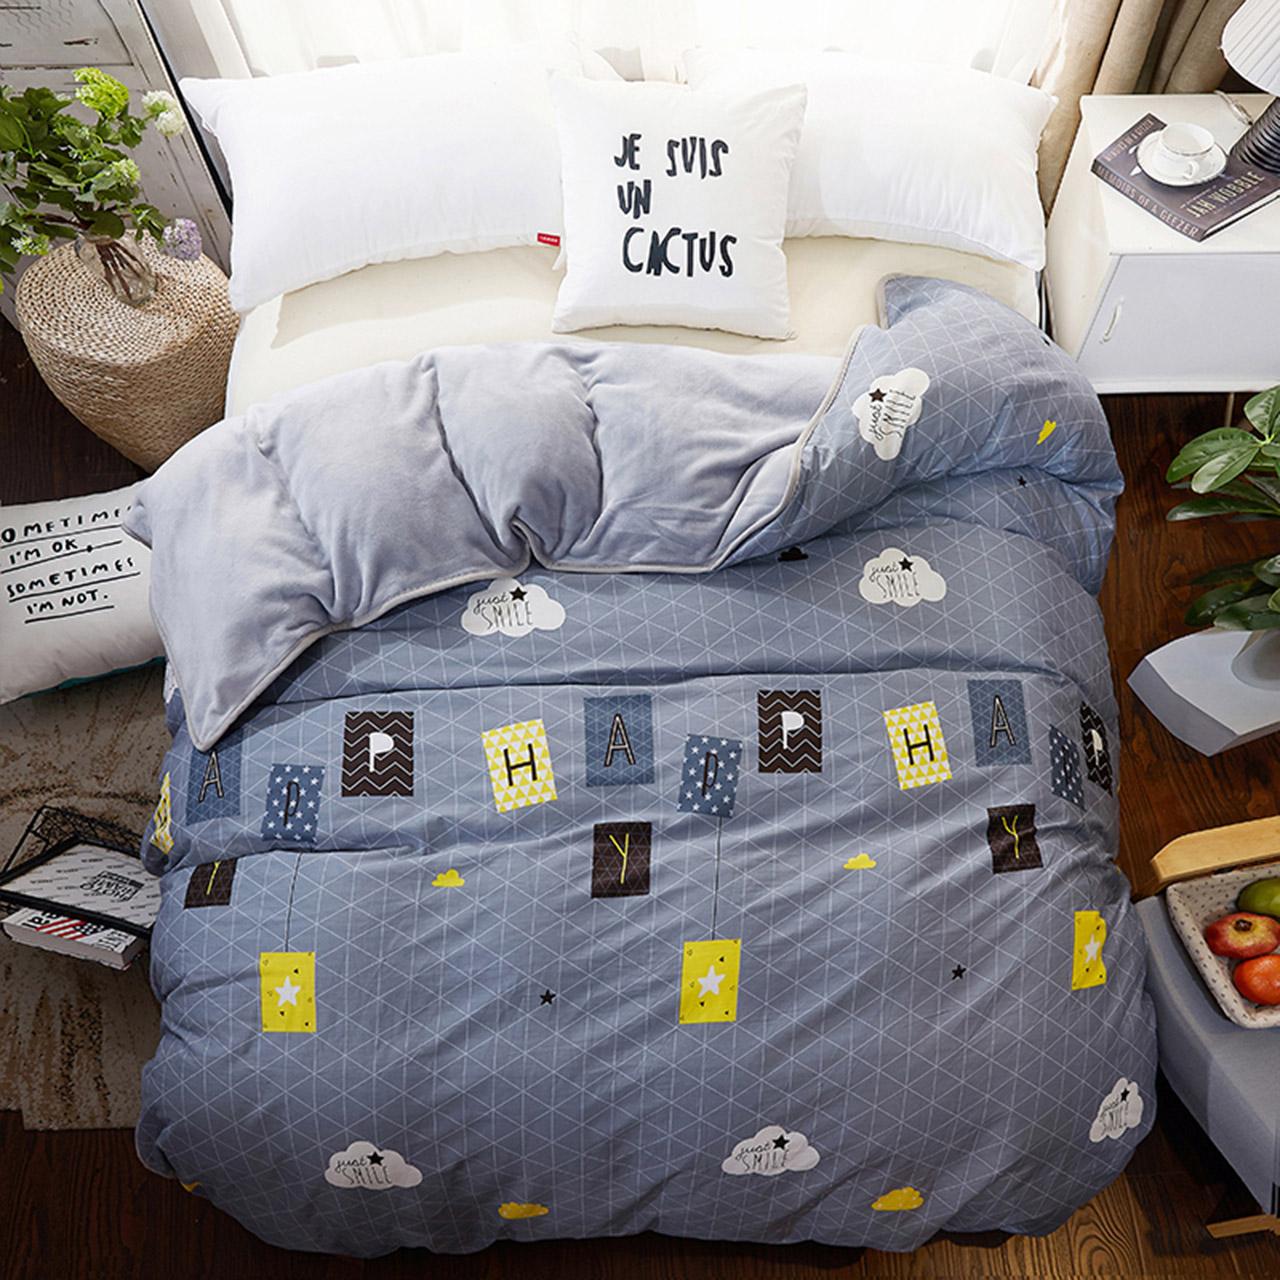 Chăn bông san hô đơn mảnh đôi 220x240cm150x200x230 flannel quilt bìa bông đơn - Quilt Covers